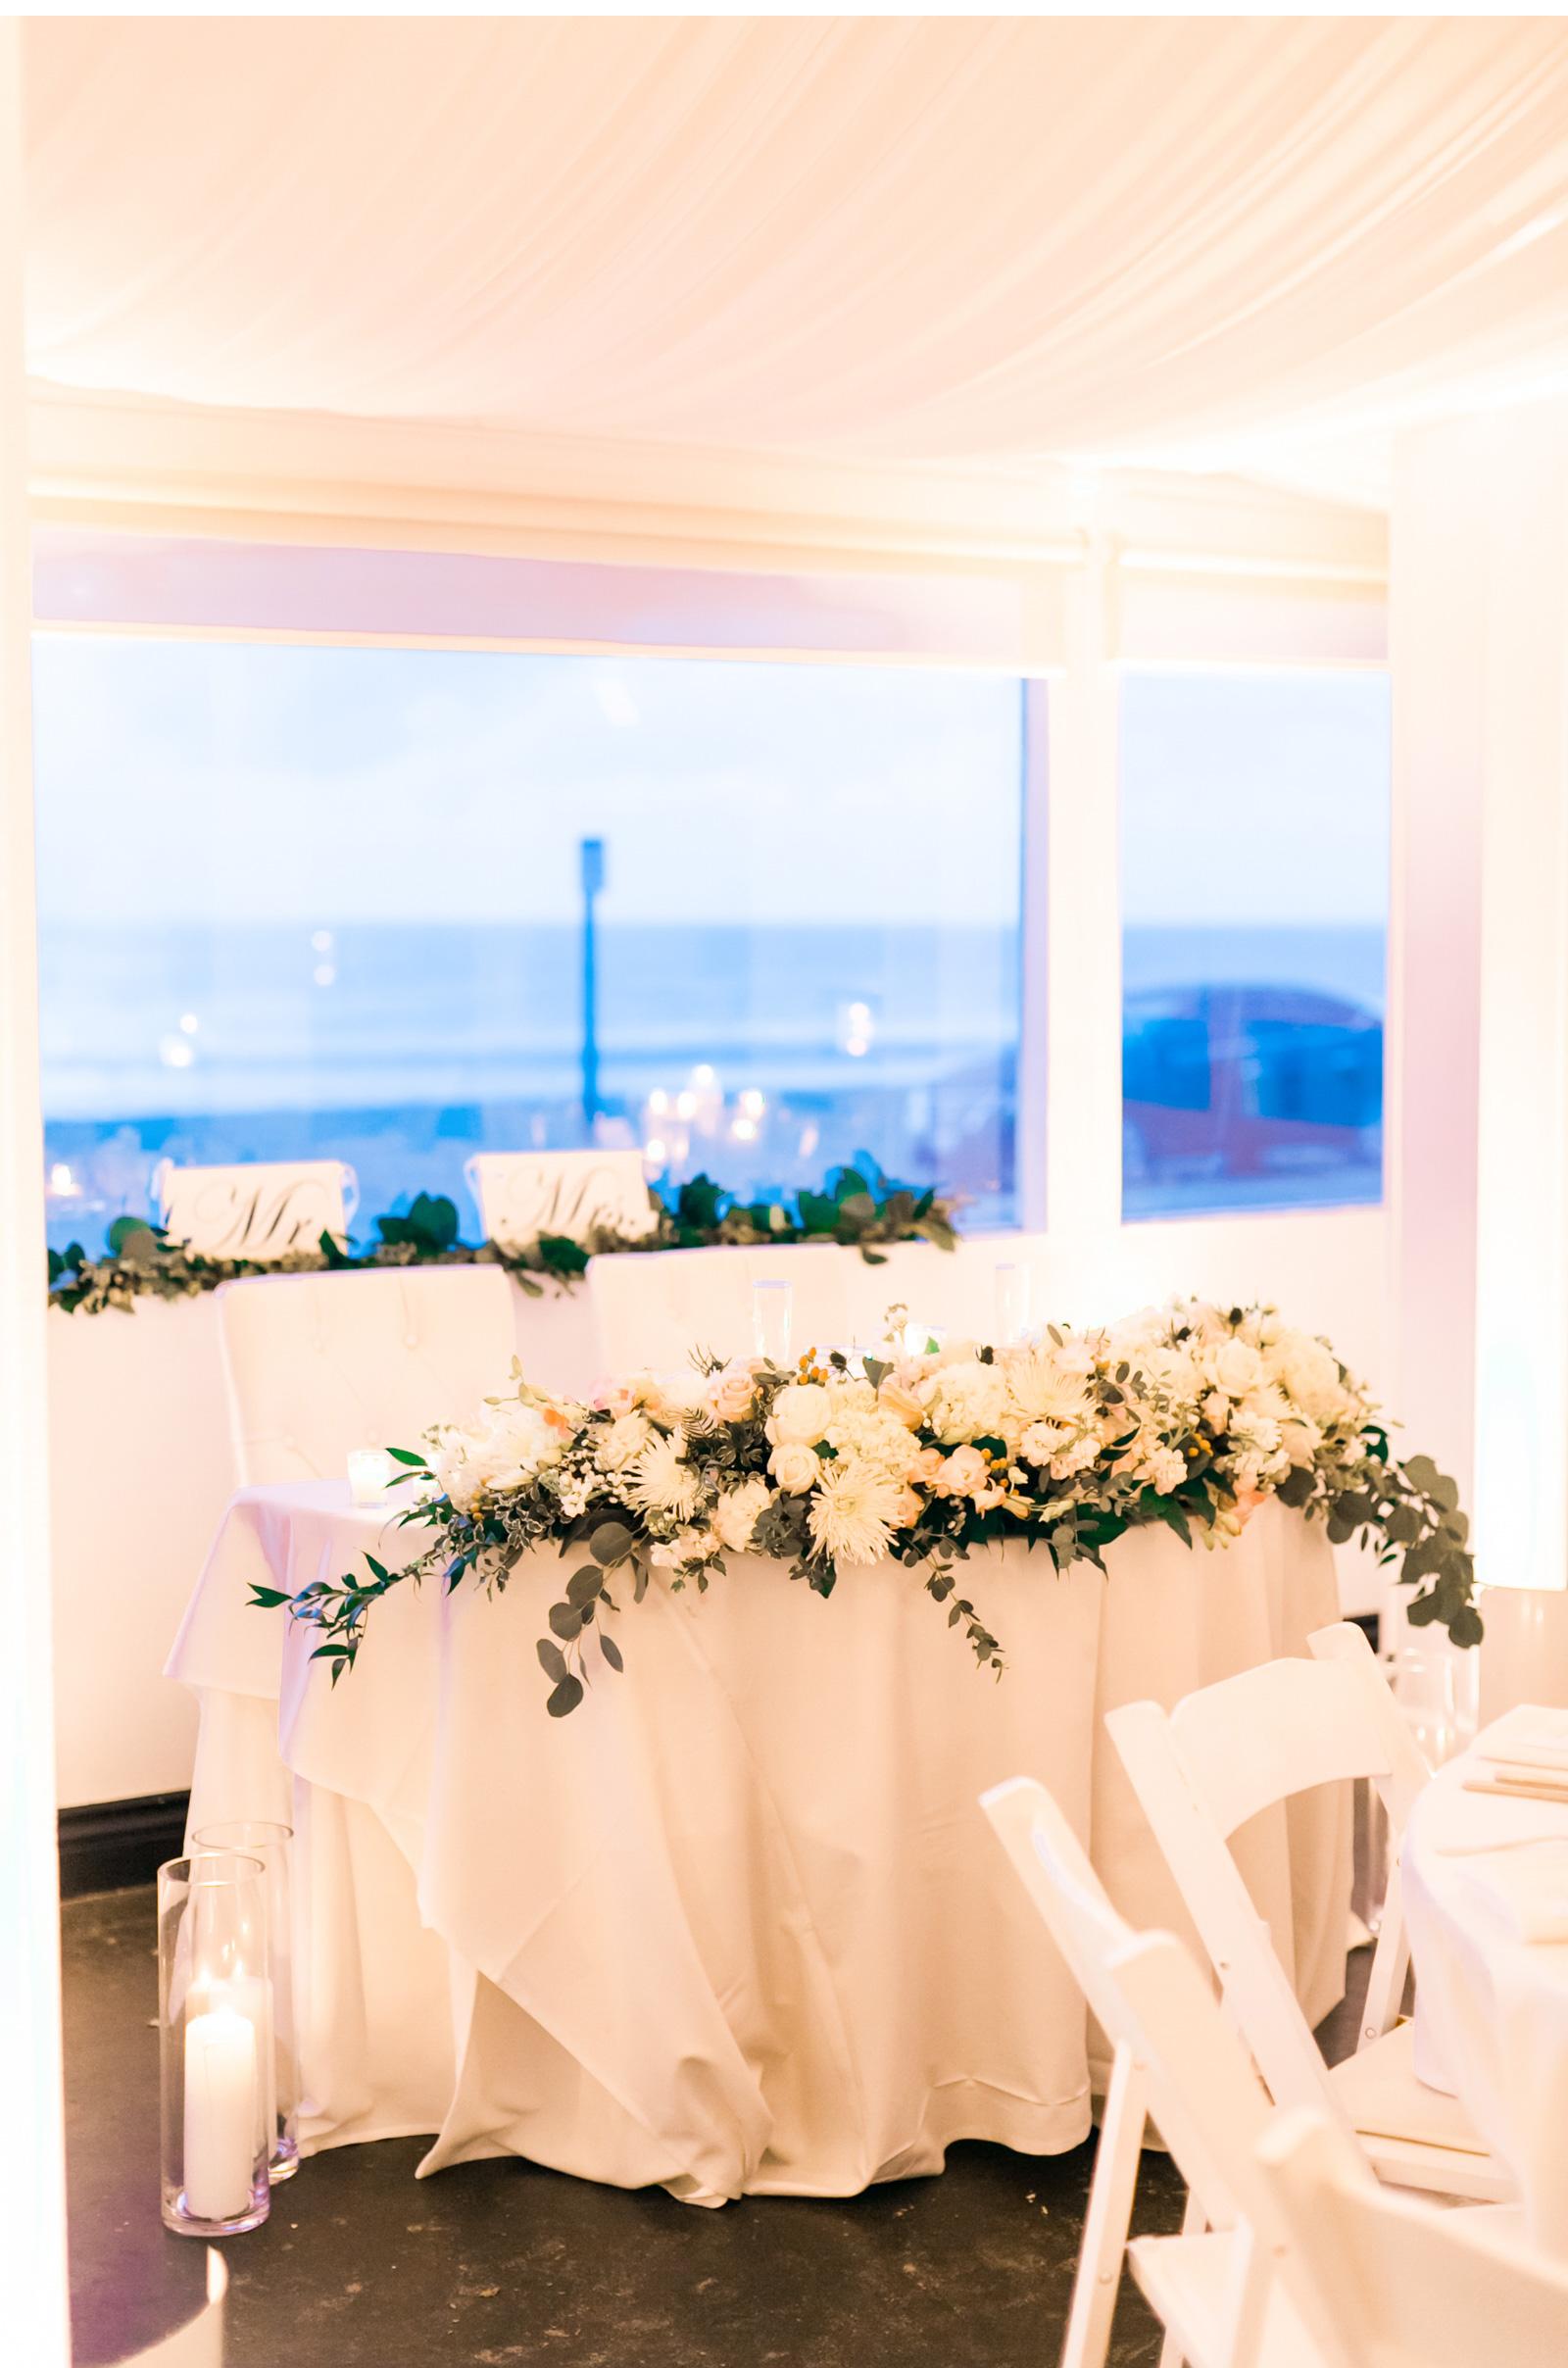 Sunset-Restaurant-Wedding-Natalie-Schutt-Photography_01_11.jpg